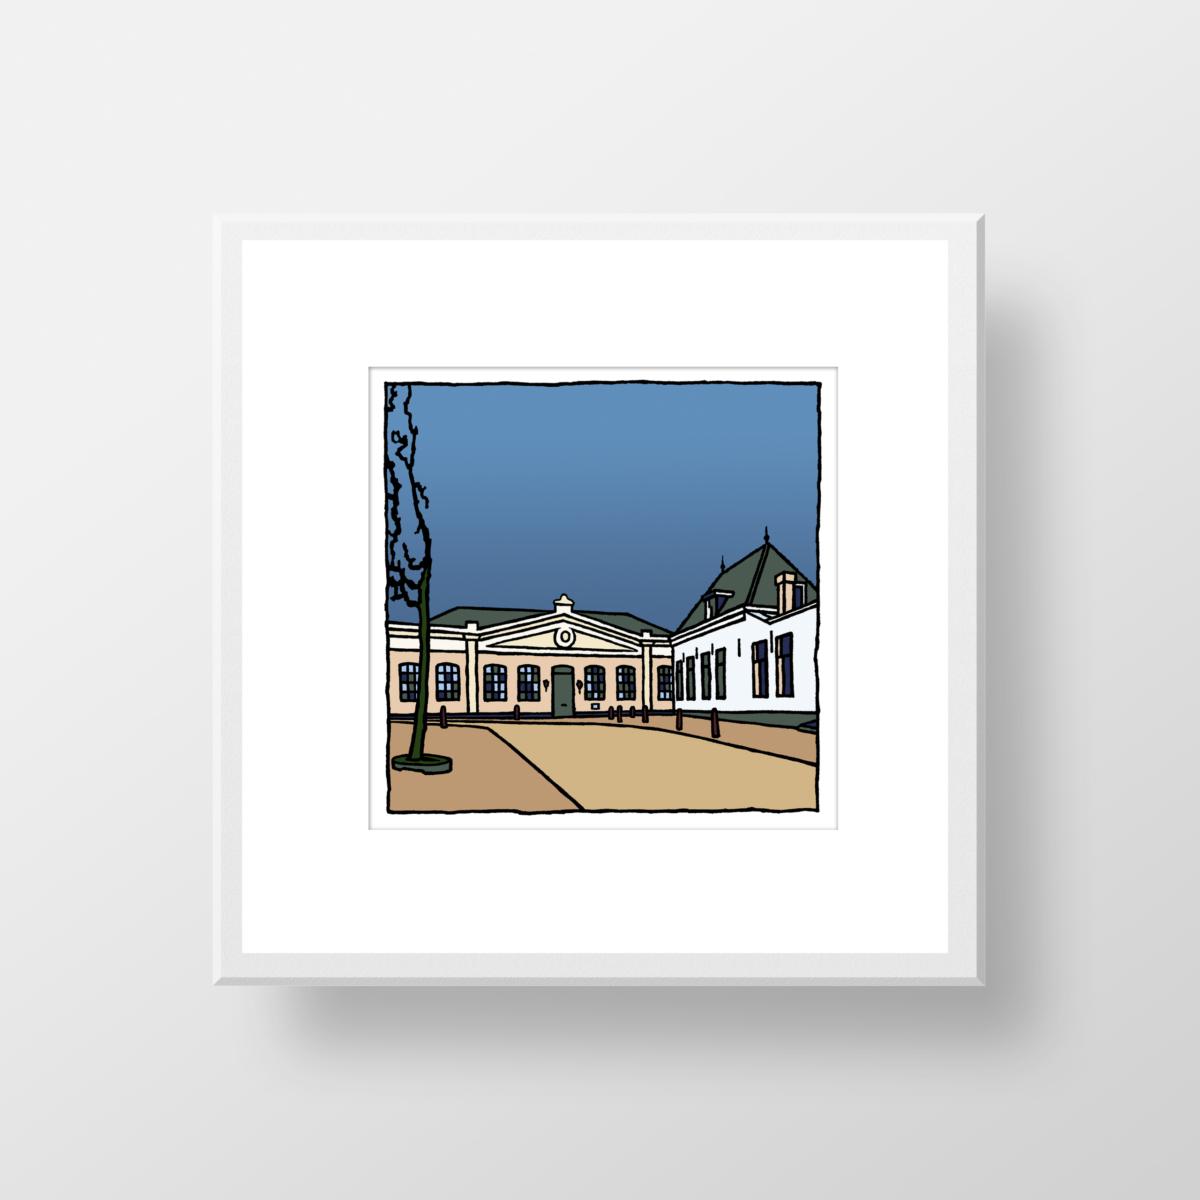 De Veste in Hellevoetsluis als fine art print gemaakt door kunstenaar Wim van Willegen.